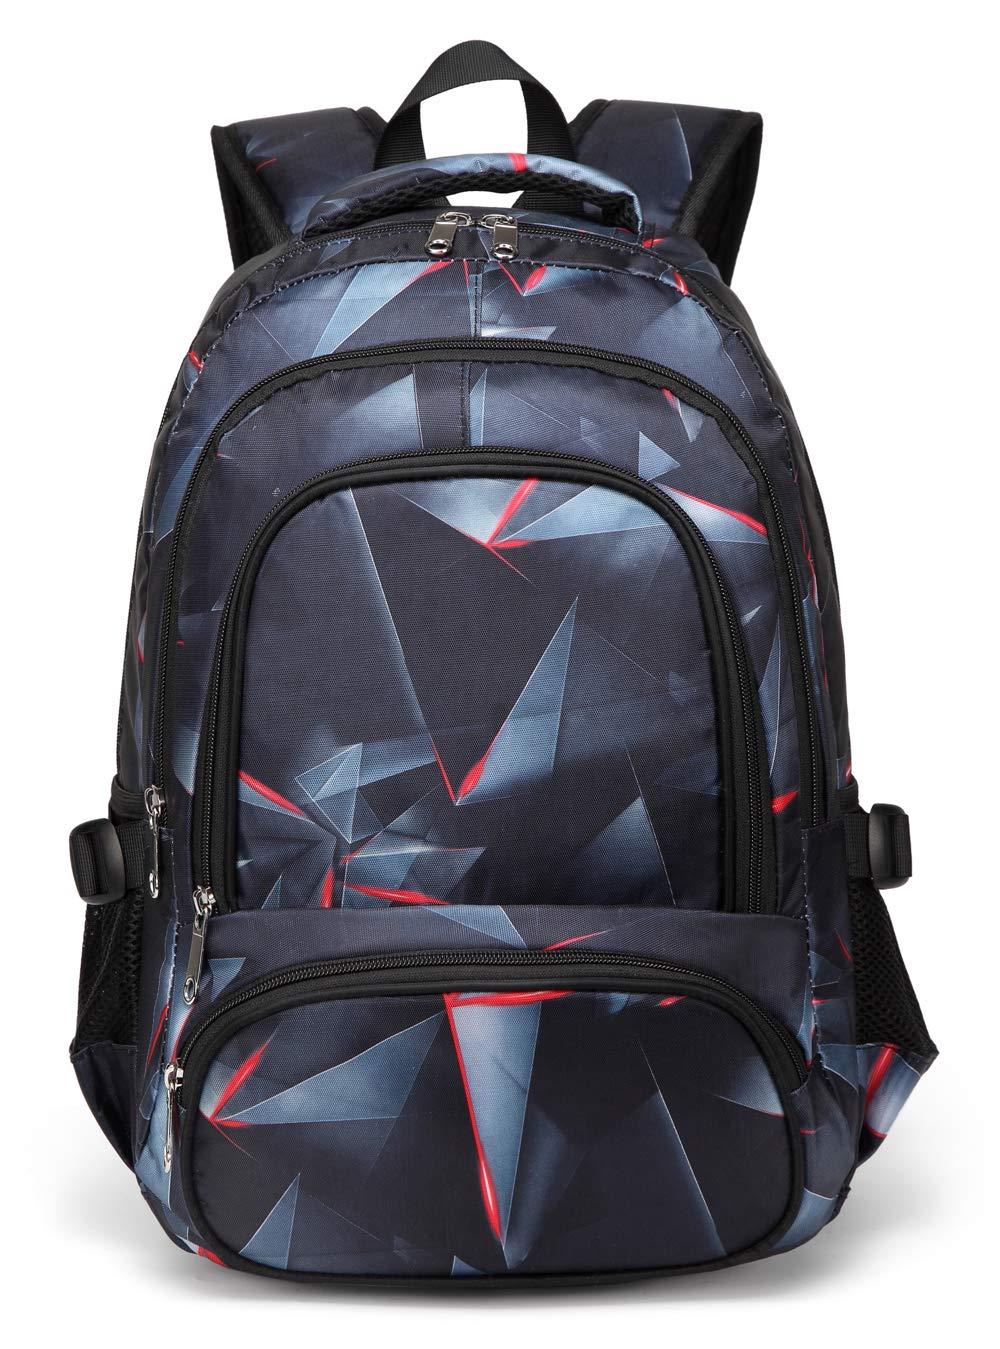 b6975c17d606 BLUEFAIRY Boys Backpacks for Kids Girls Primary School Bag Kindergarten  Bookbags (Black,Red)